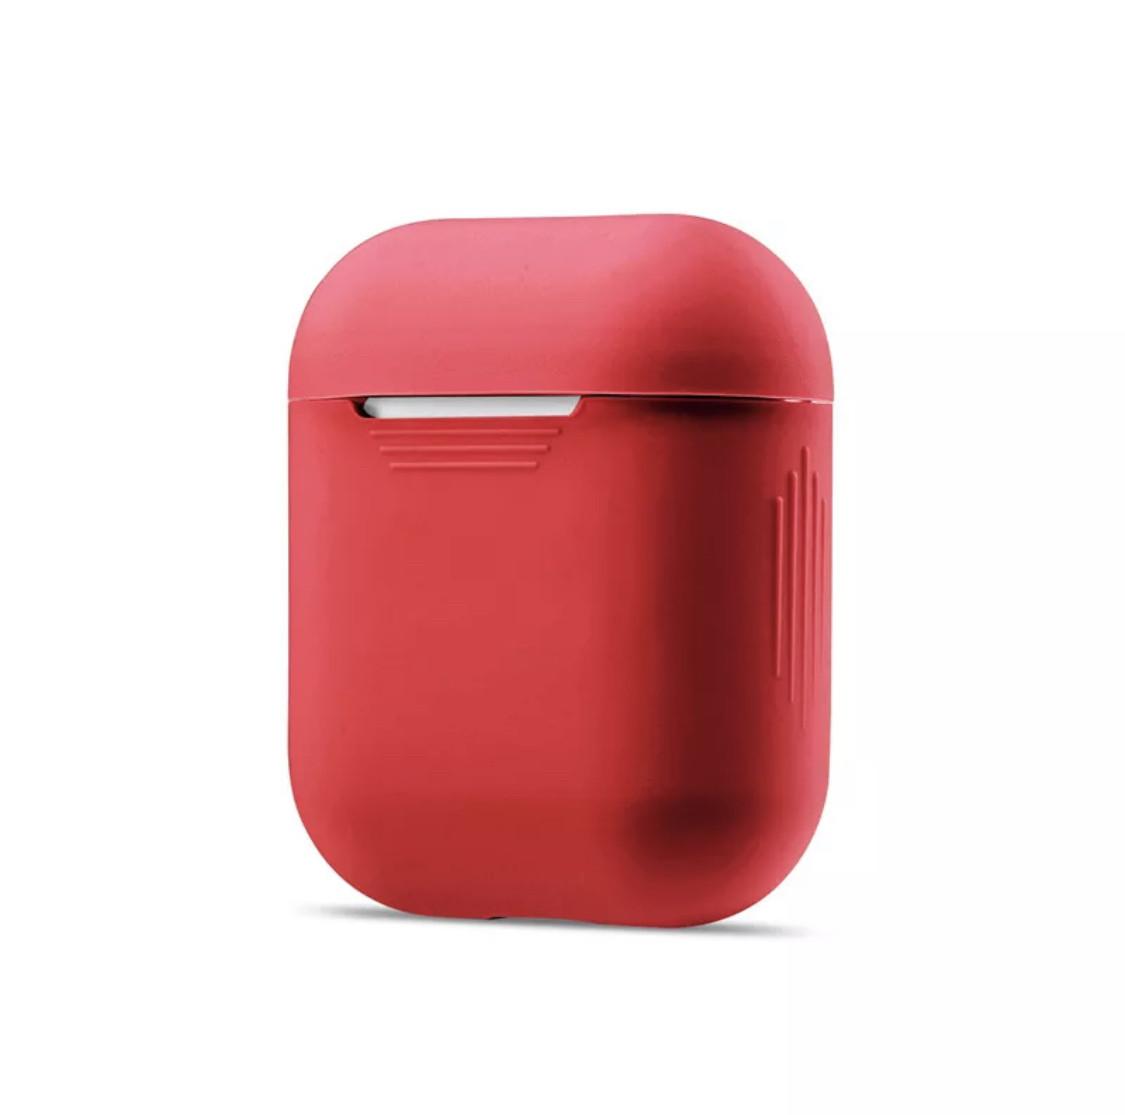 Универсальный классический силиконовый чехол футляр для наушников AirPods ударопрочный в красном цвете